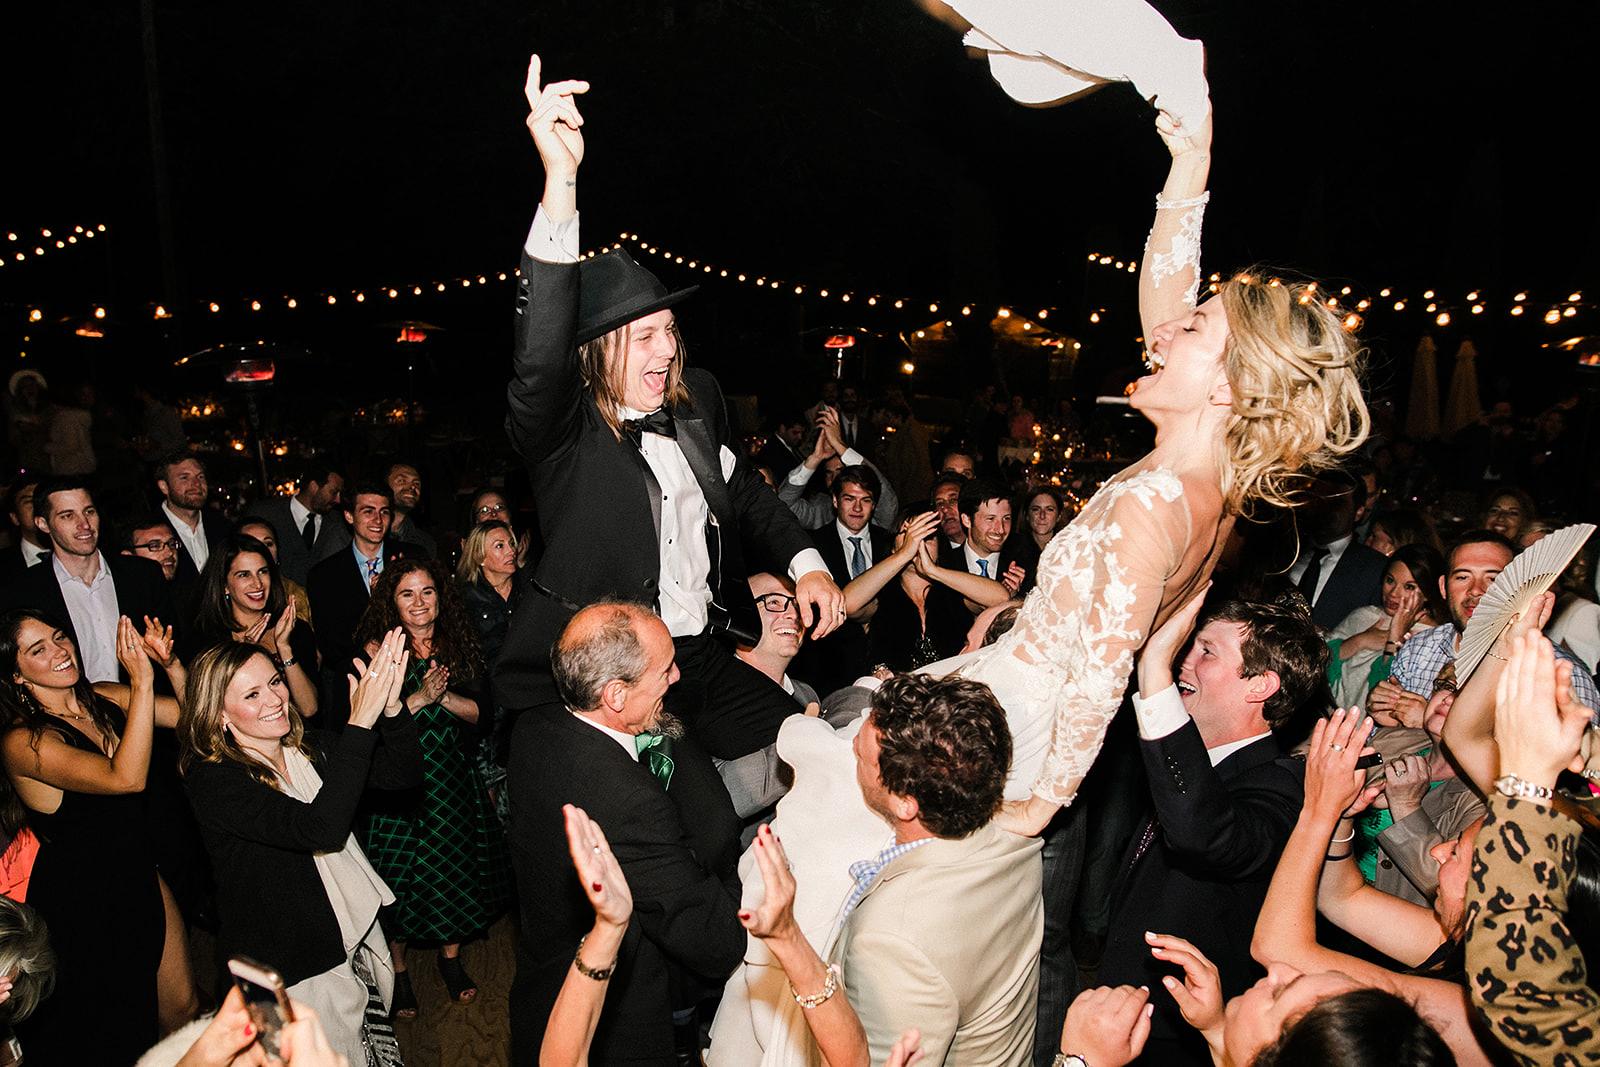 amanda chase wedding couple dancing in crowd